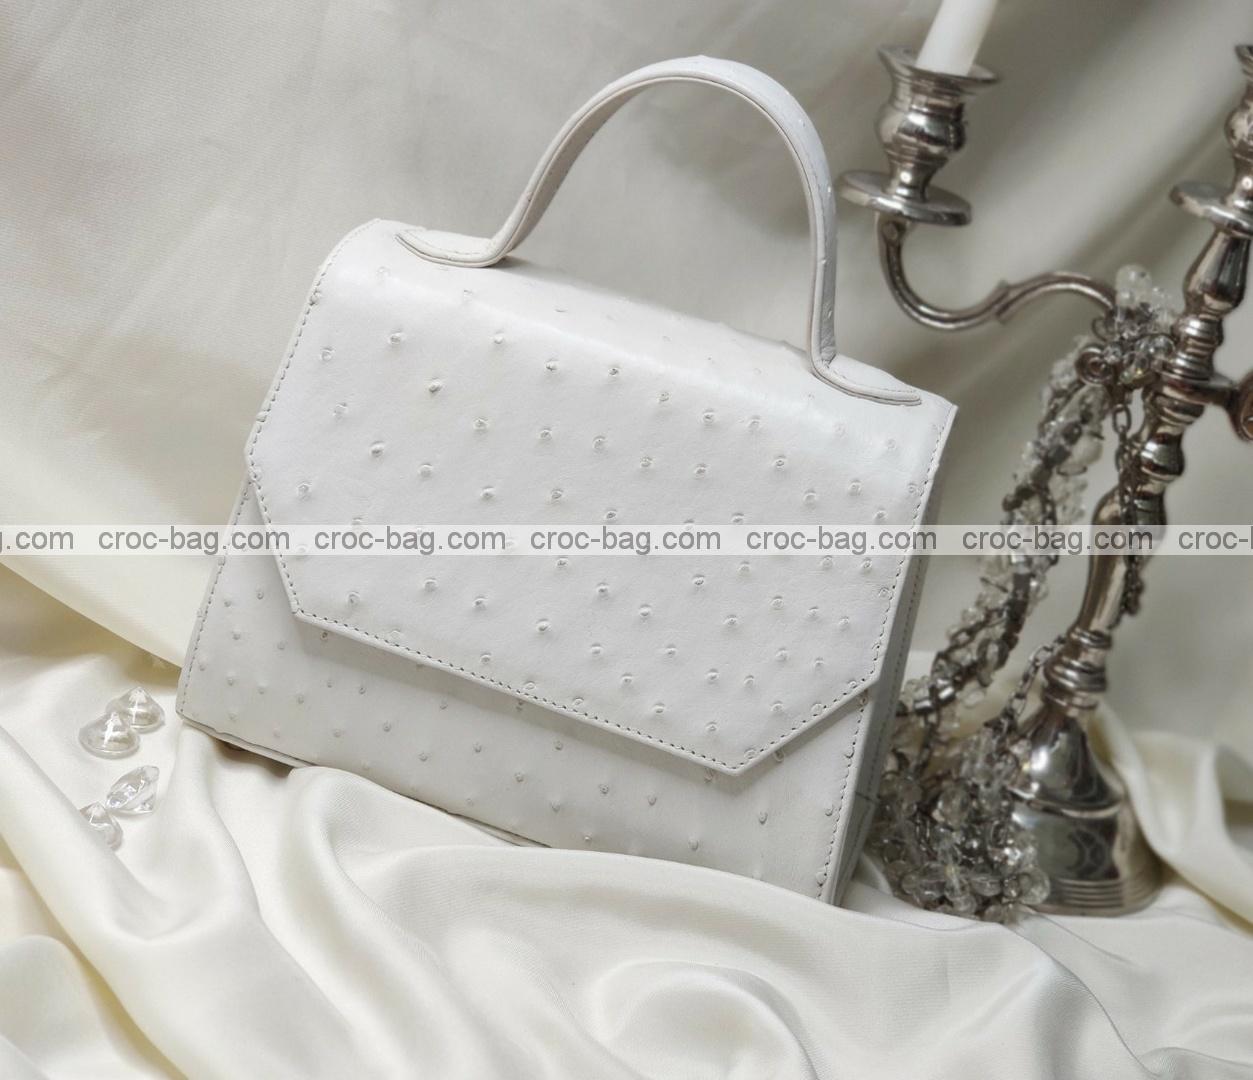 กระเป๋าหนังนกกระจอกเทศหรับผู้หญิง 5284